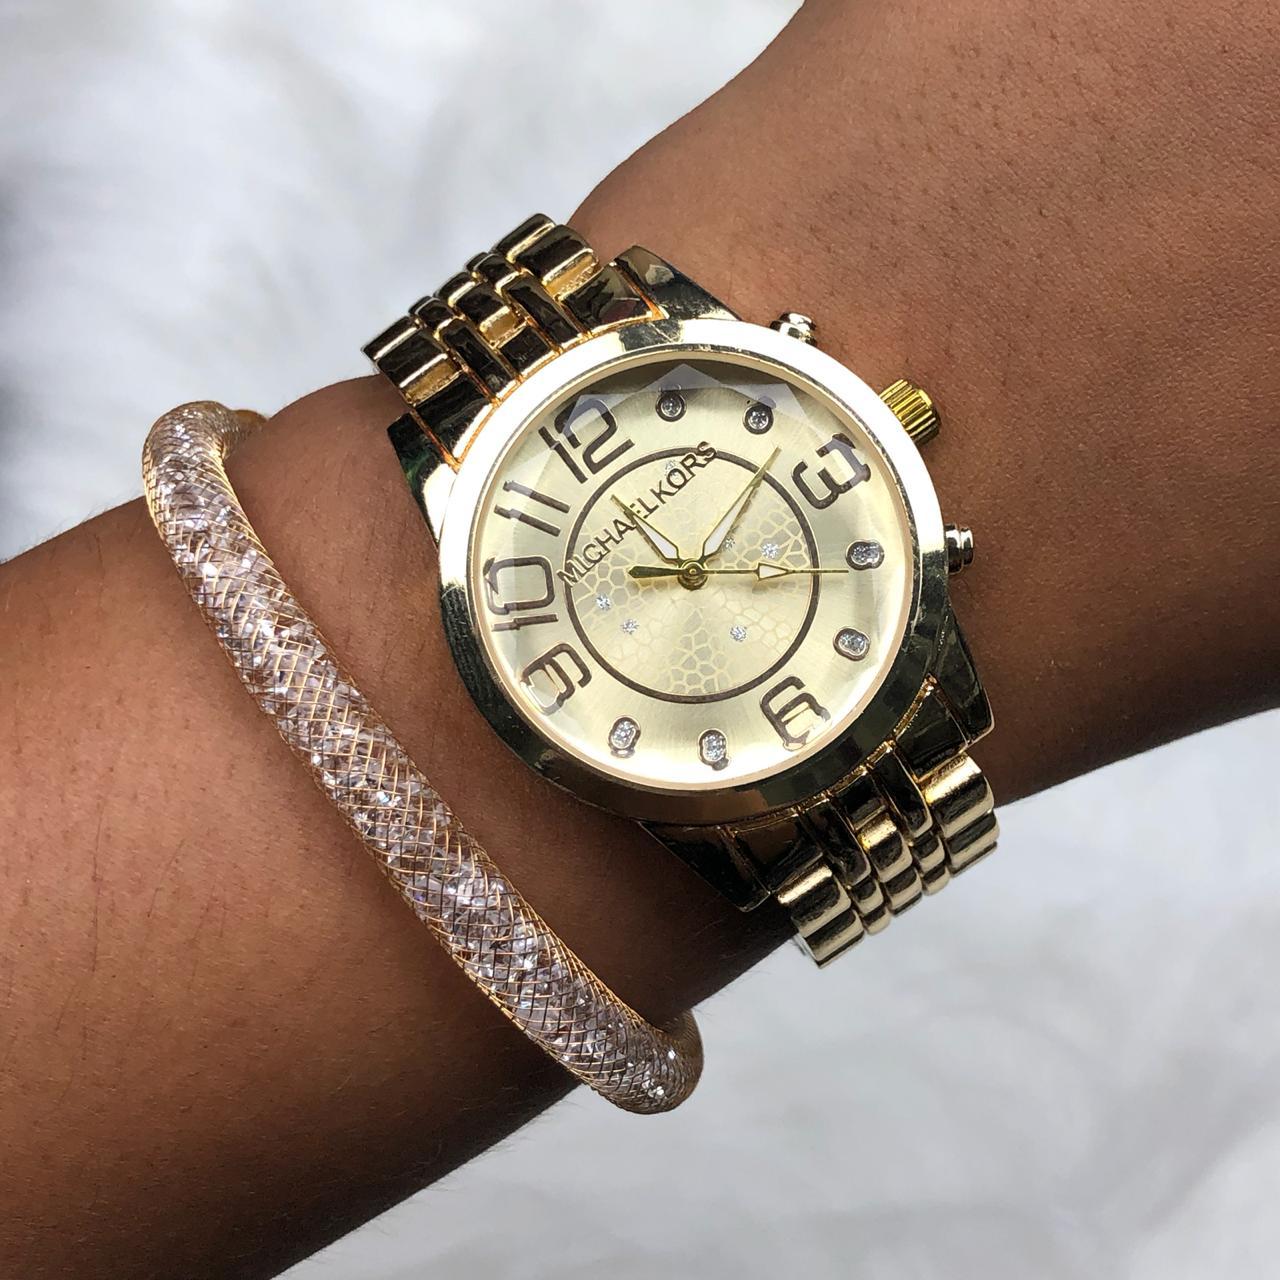 d2f691bebf8 Relógio Feminino Dourado + Pulseira Solitária Pedrarias - Diamante ...